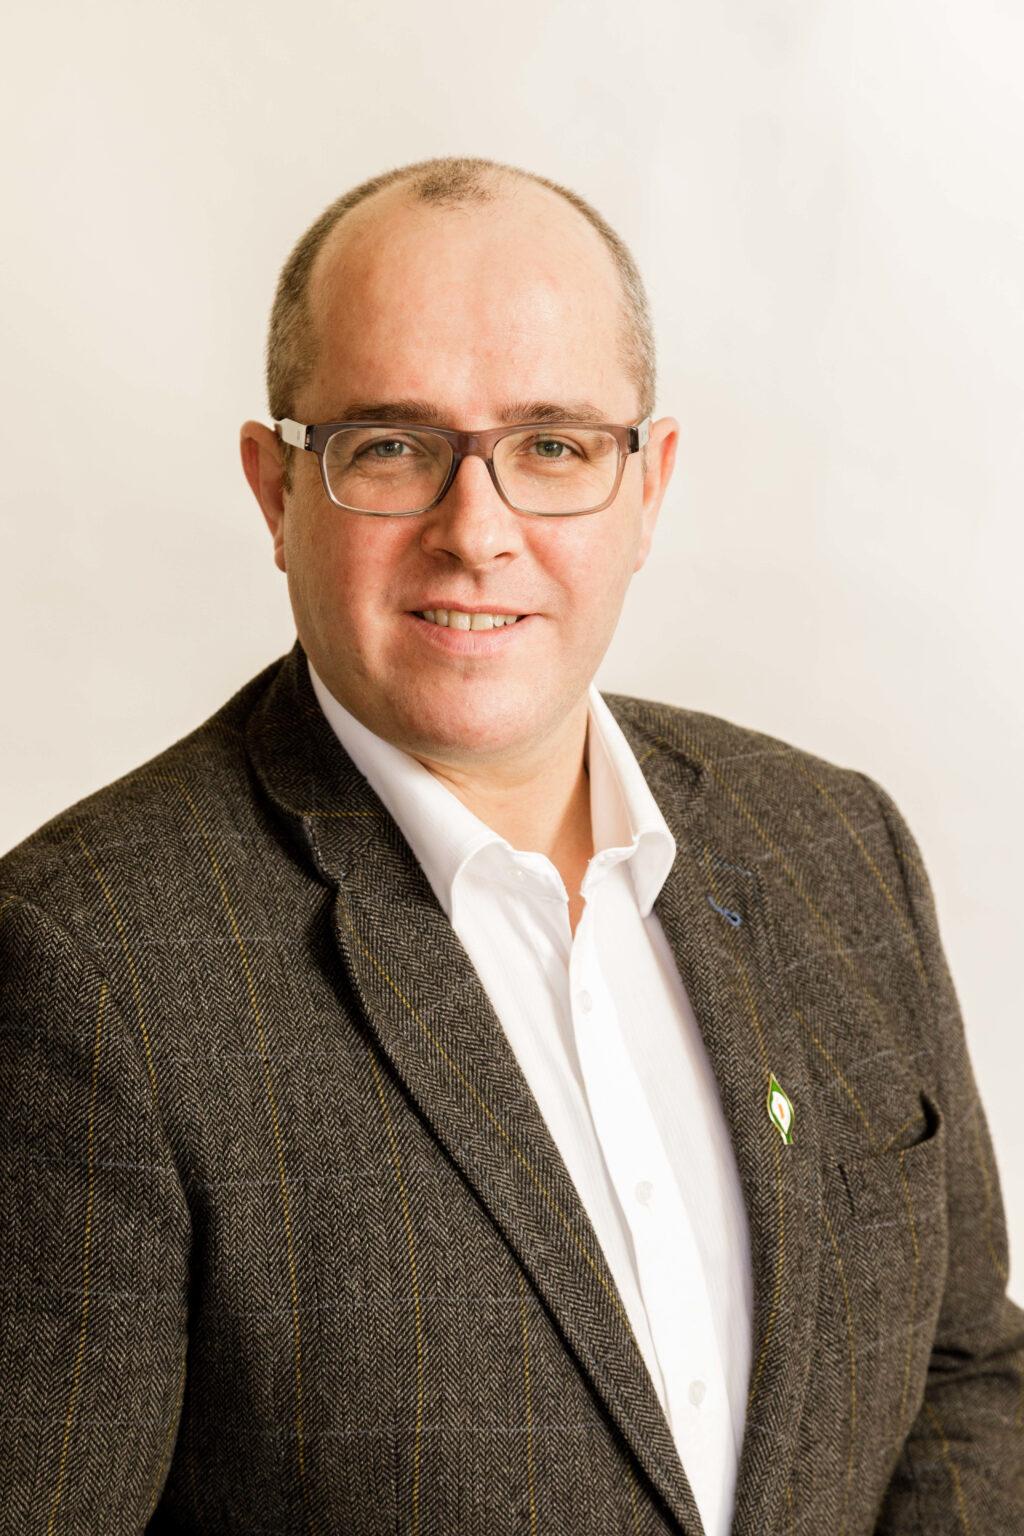 Chris MacManus MEP